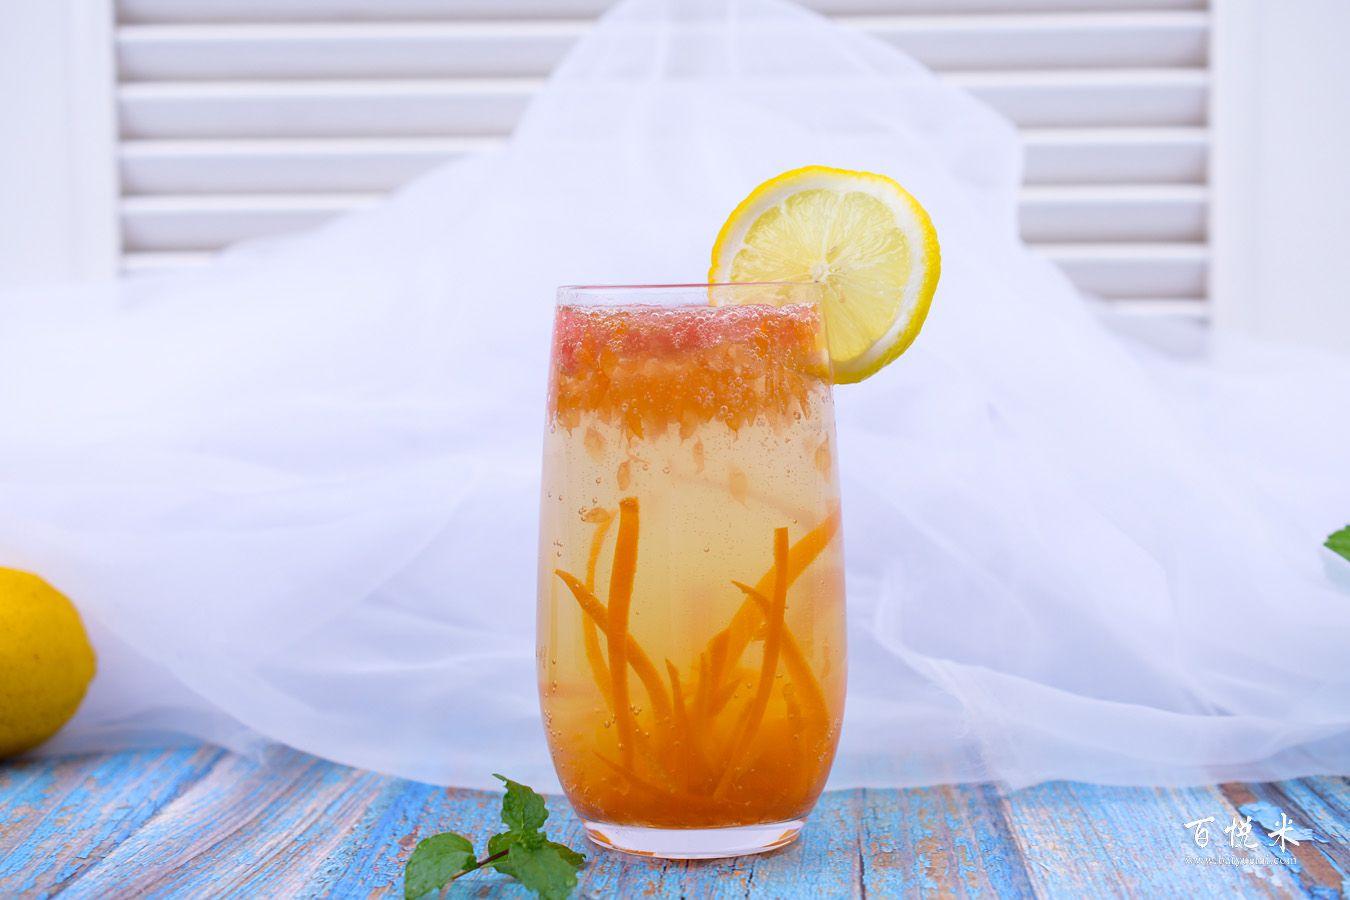 蜂蜜柚子茶的做法大全,蜂蜜柚子茶西点培训图文教程分享